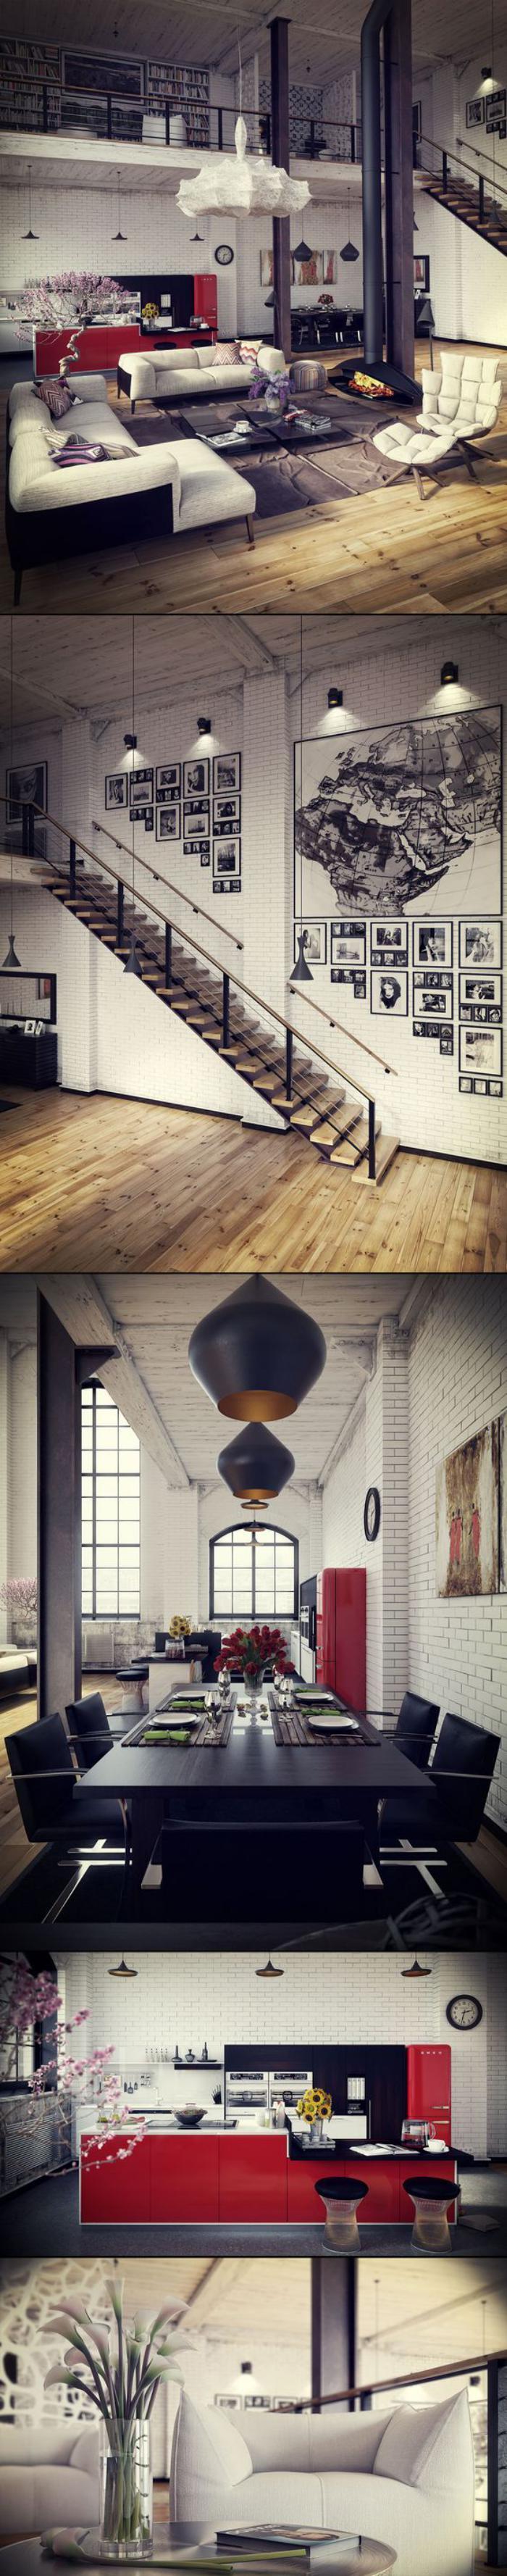 Escalier Modulaire Pas Cher l' escalier modulaire - trouvez une solution astucieuse et